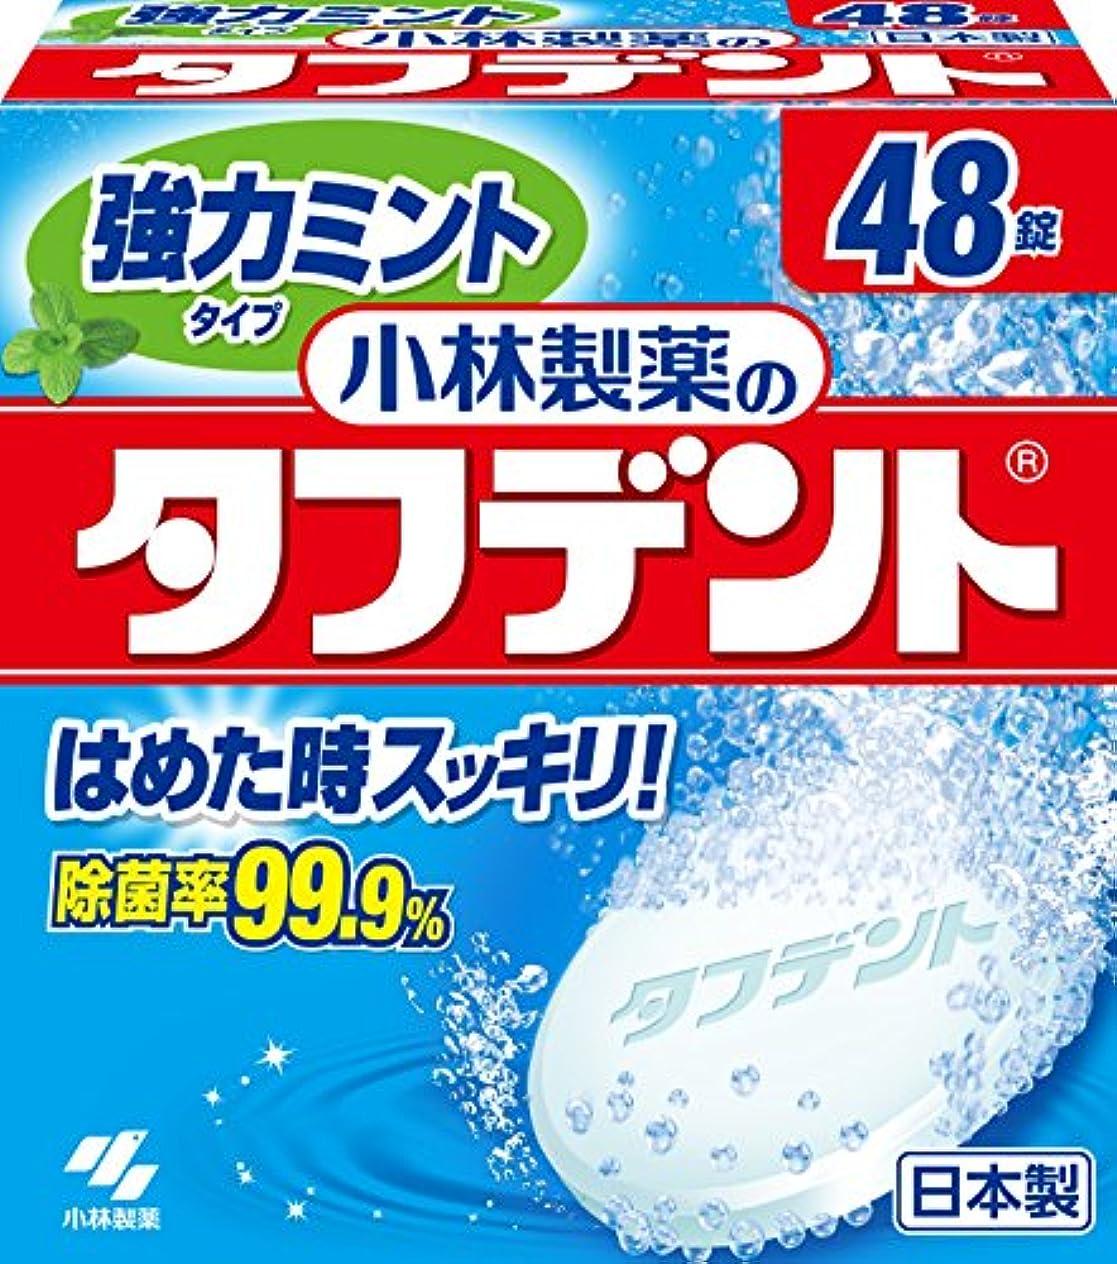 アスペクト経験的メモ小林製薬のタフデント強力ミントタイプ 入れ歯用洗浄剤 ミントの香り 48錠